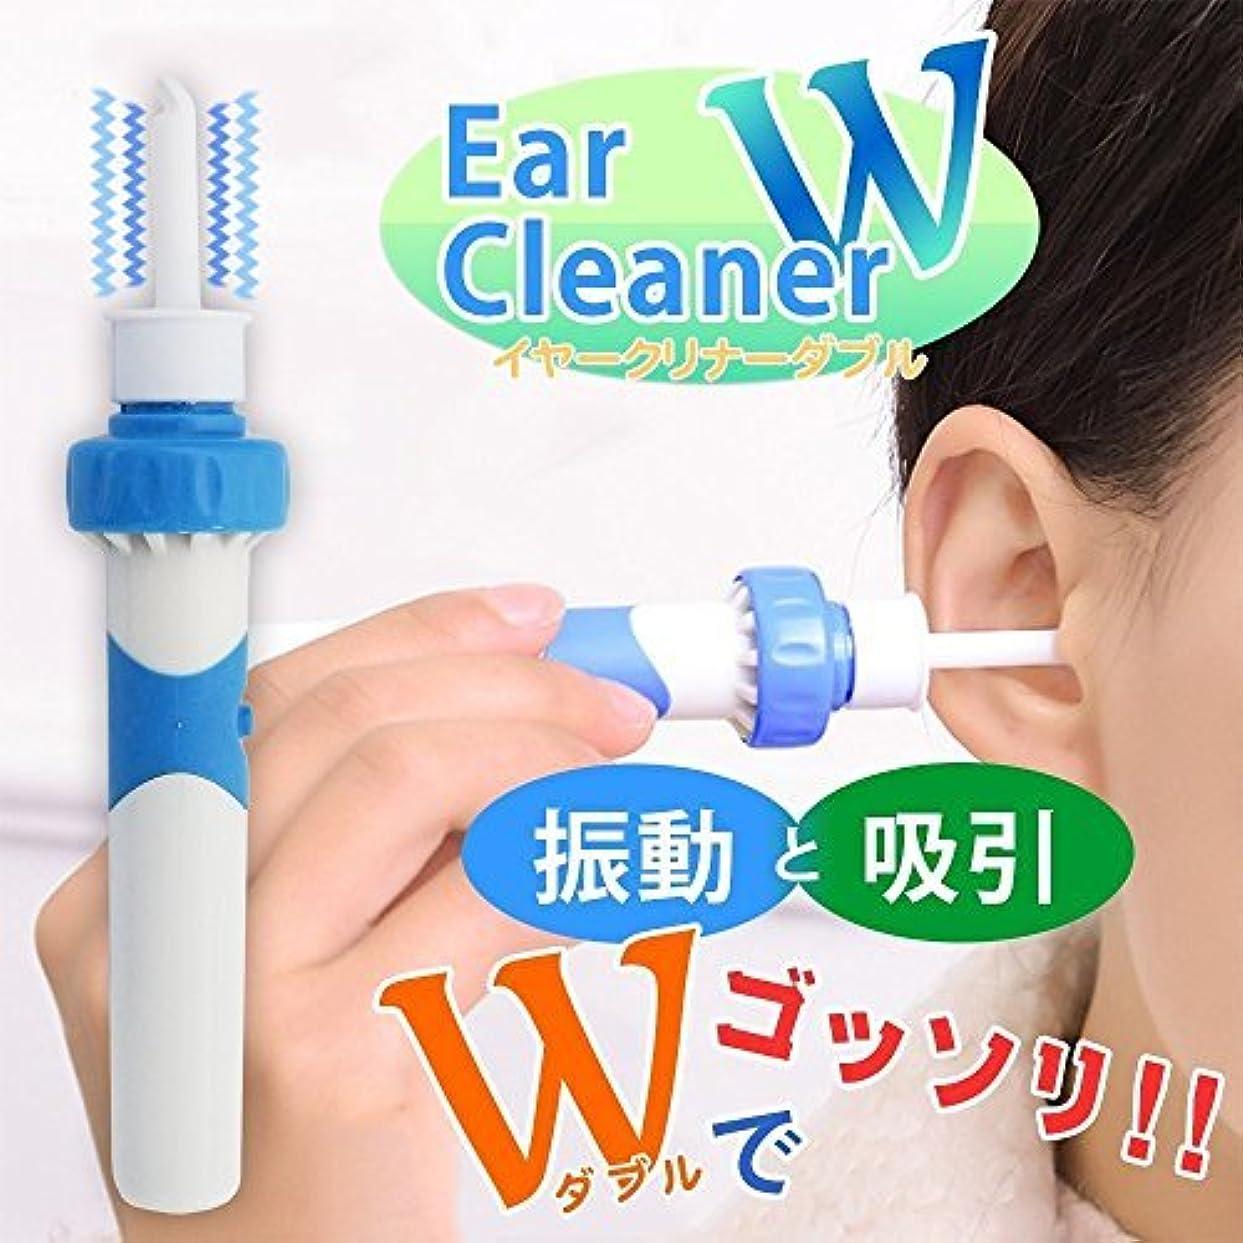 情熱無条件安西CHUI FEN 耳掃除機 電動耳掃除 耳クリーナー 耳掃除 みみそうじ 耳垢 吸引 耳あか吸引